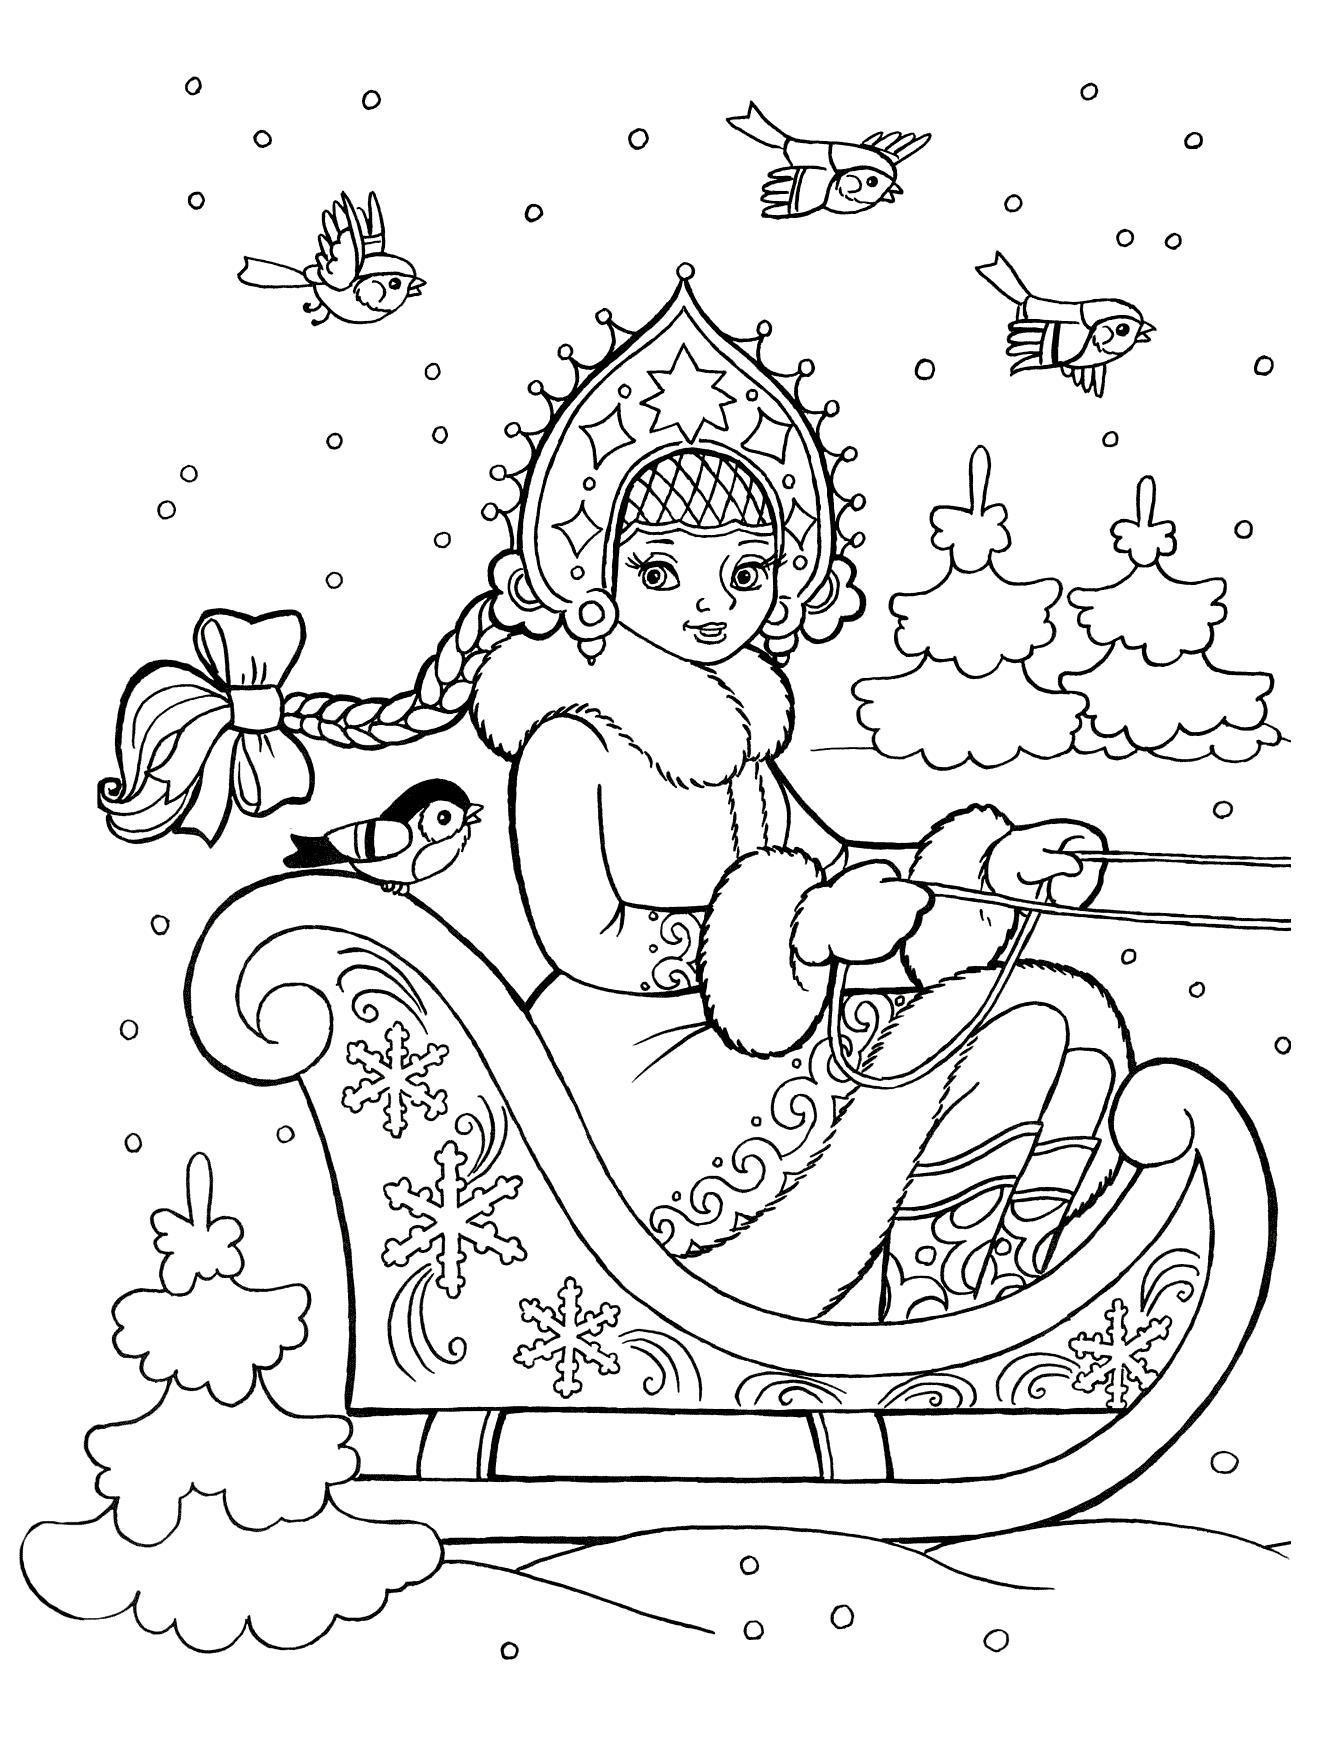 Снегурочка в санях Раскраски зима распечатать бесплатно